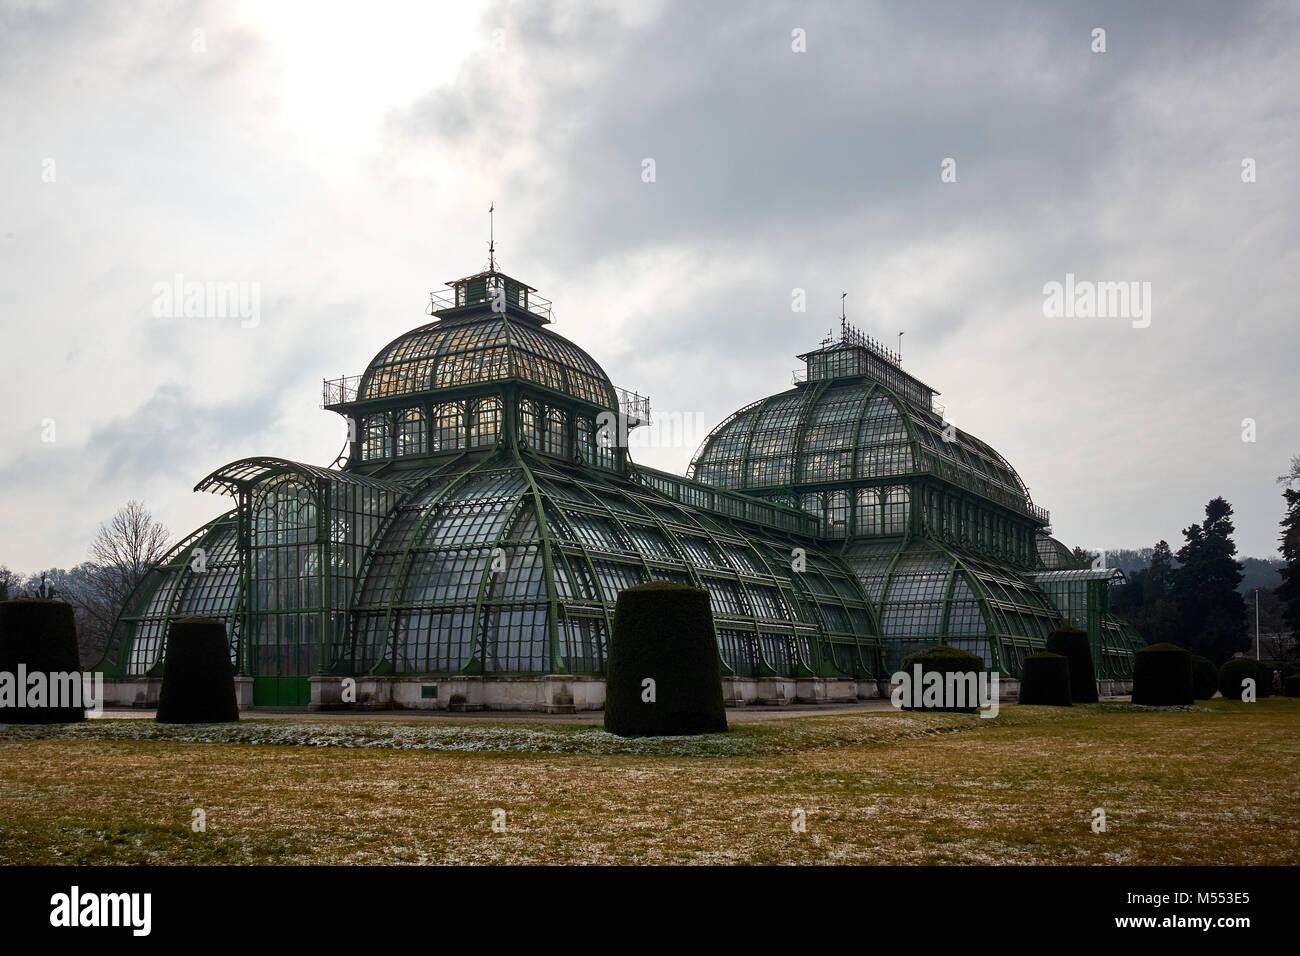 Viena, Austria - 18 de febrero de 2018: la Palmenhaus Schönbrunn Schönbrunn / la casa de las palmeras Imagen De Stock